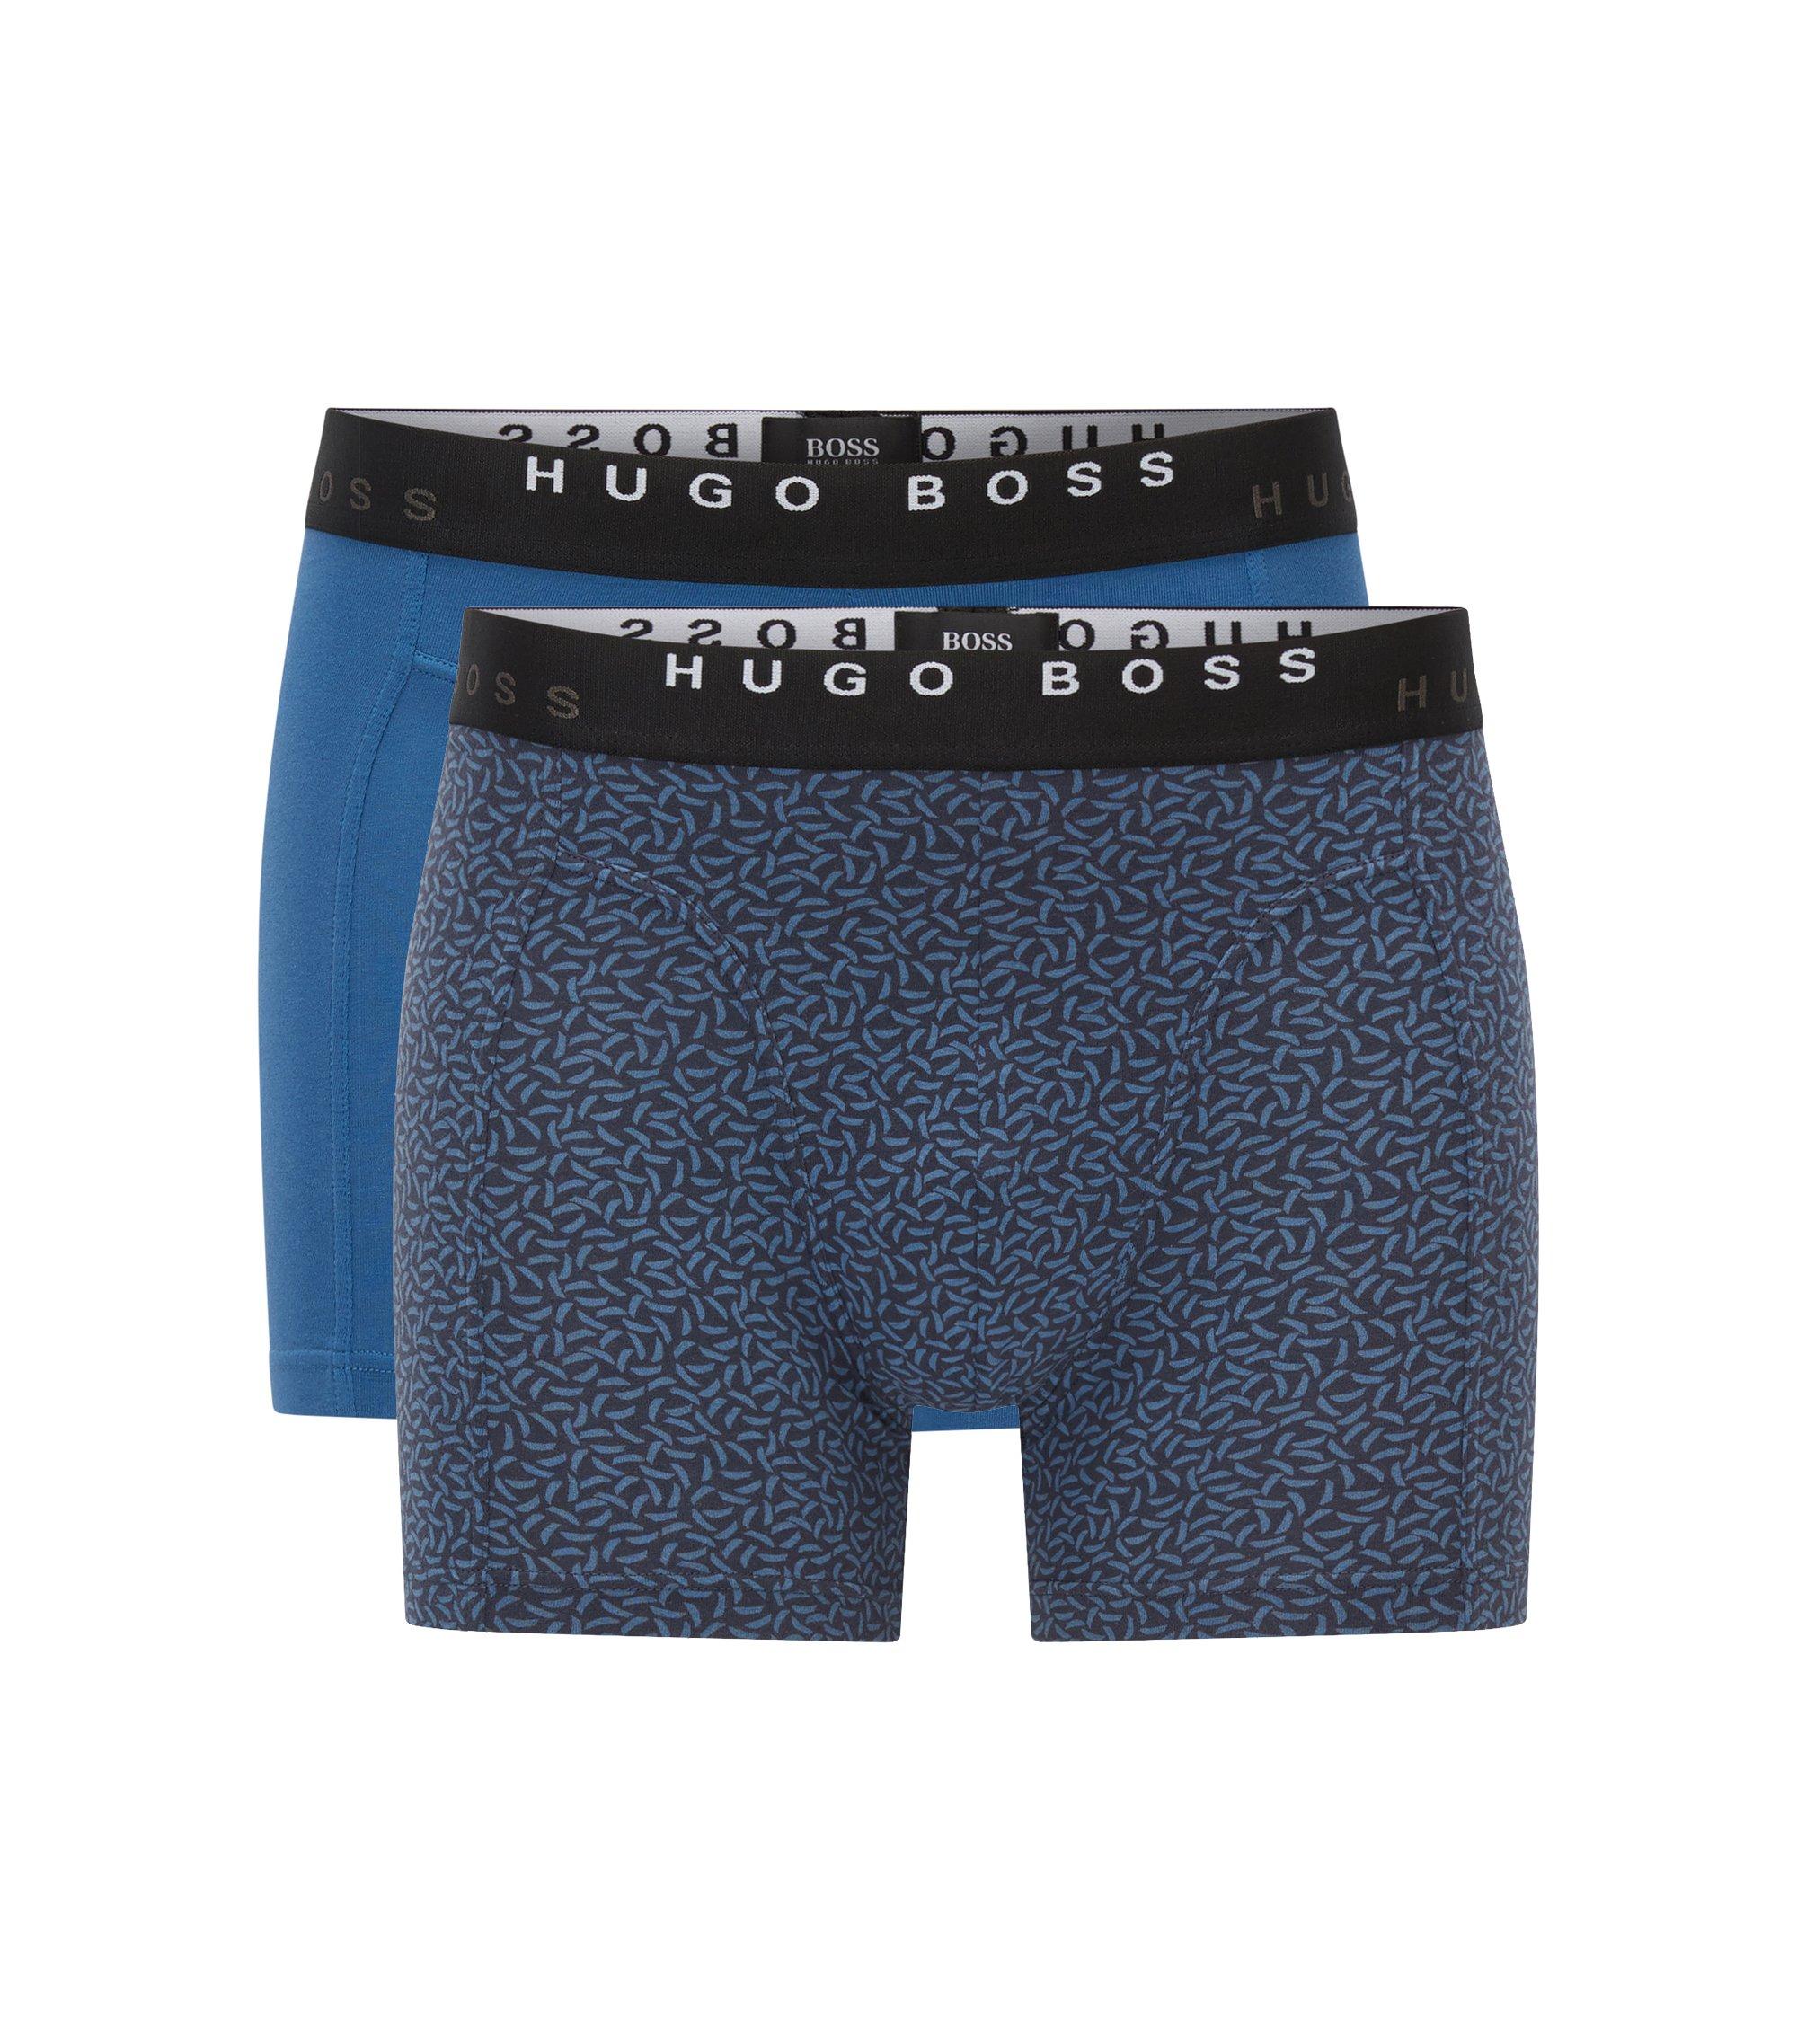 Boxershorts aus elastischer Baumwolle im Zweier-Pack, Gemustert